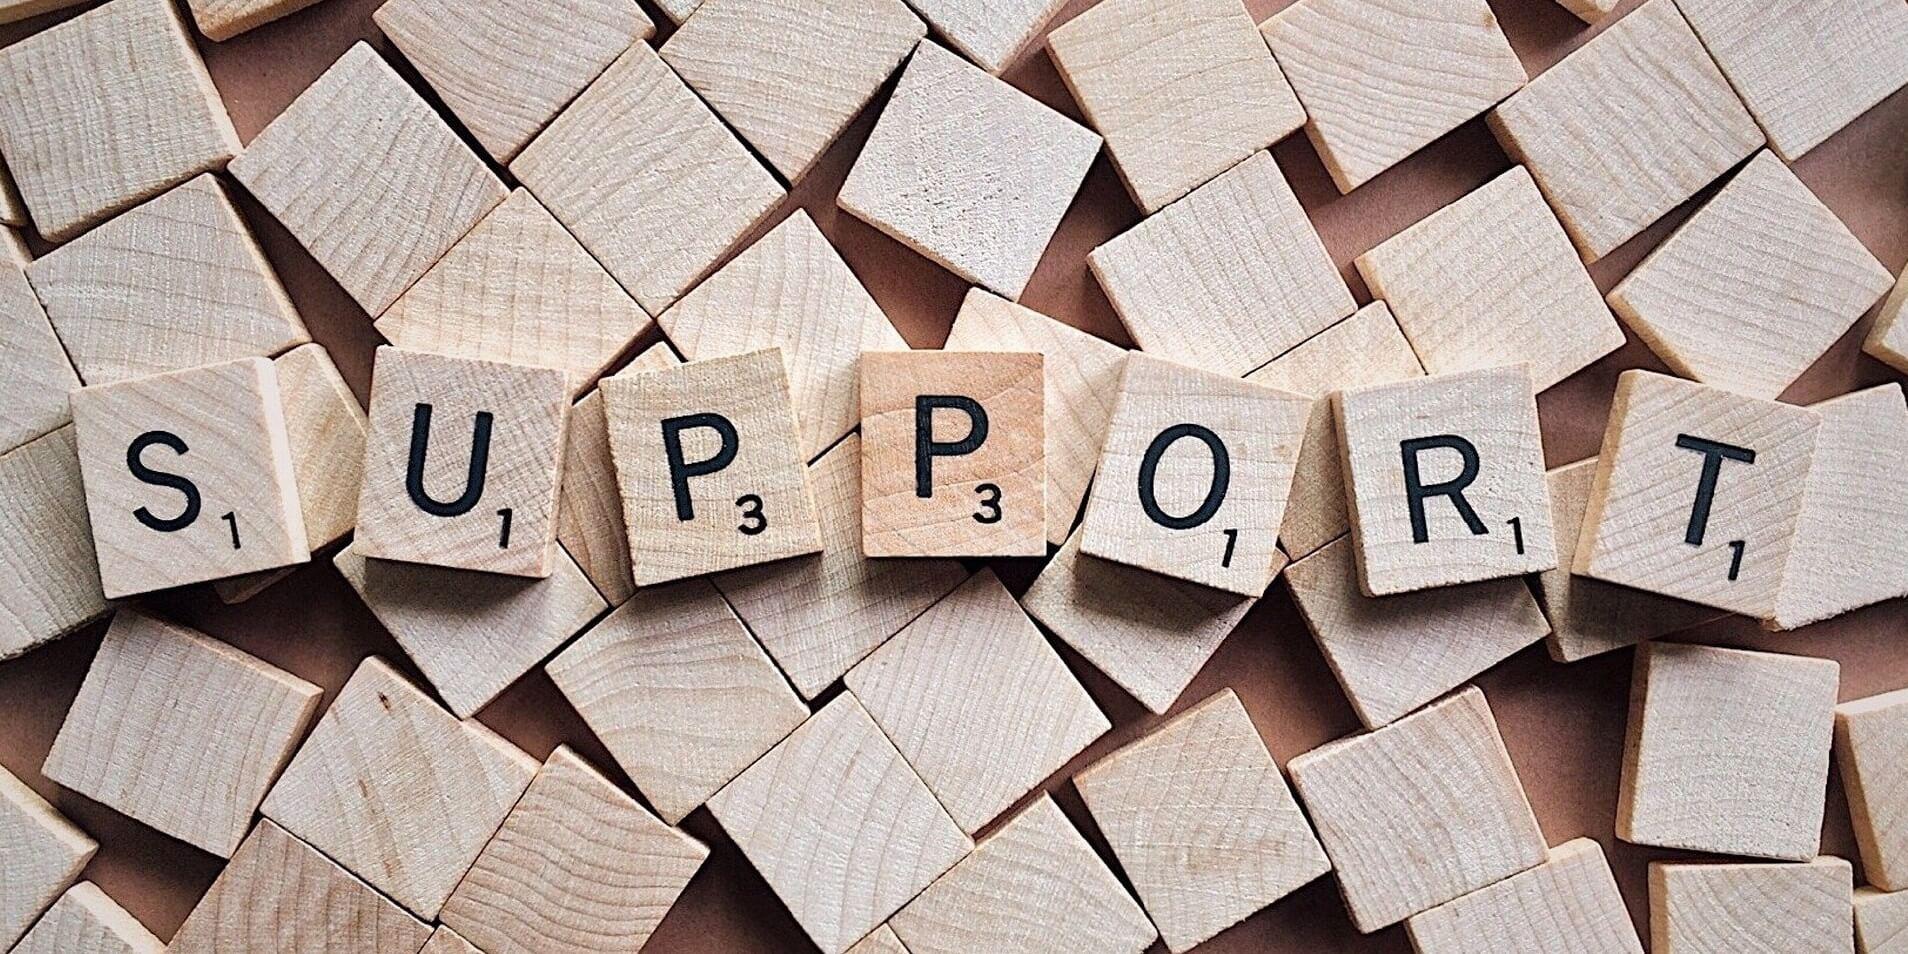 OpenALPR comparison ANPR better support